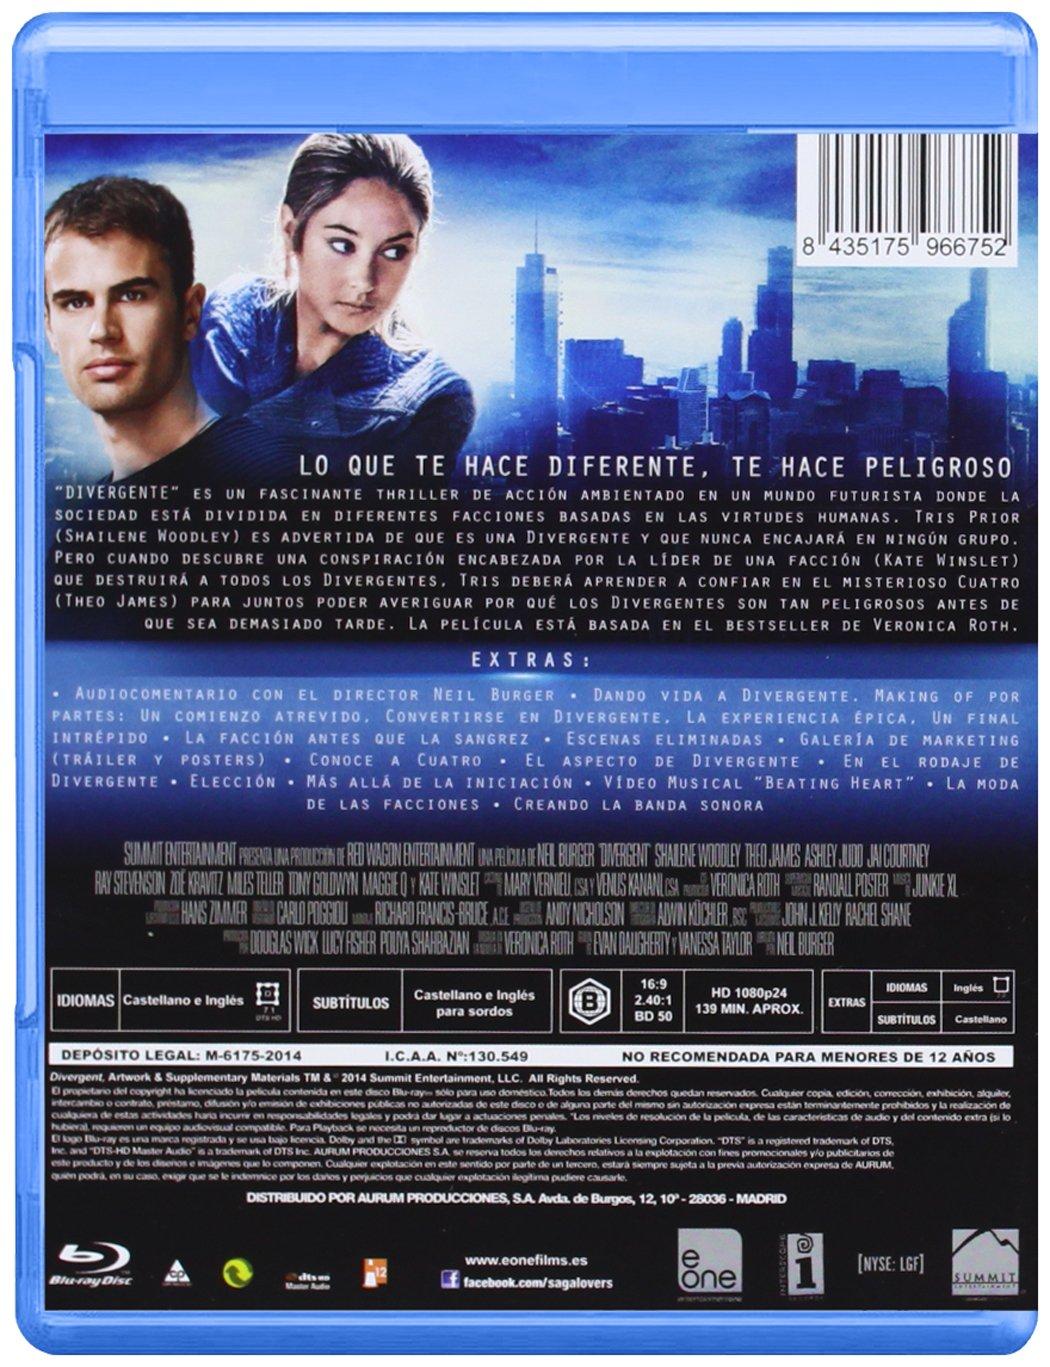 Divergente (Bd) [Blu-ray]: Amazon.es: Shailene Woodley, Theo James, Neil Burger, Shailene Woodley, Theo James, Erik Feig: Cine y Series TV